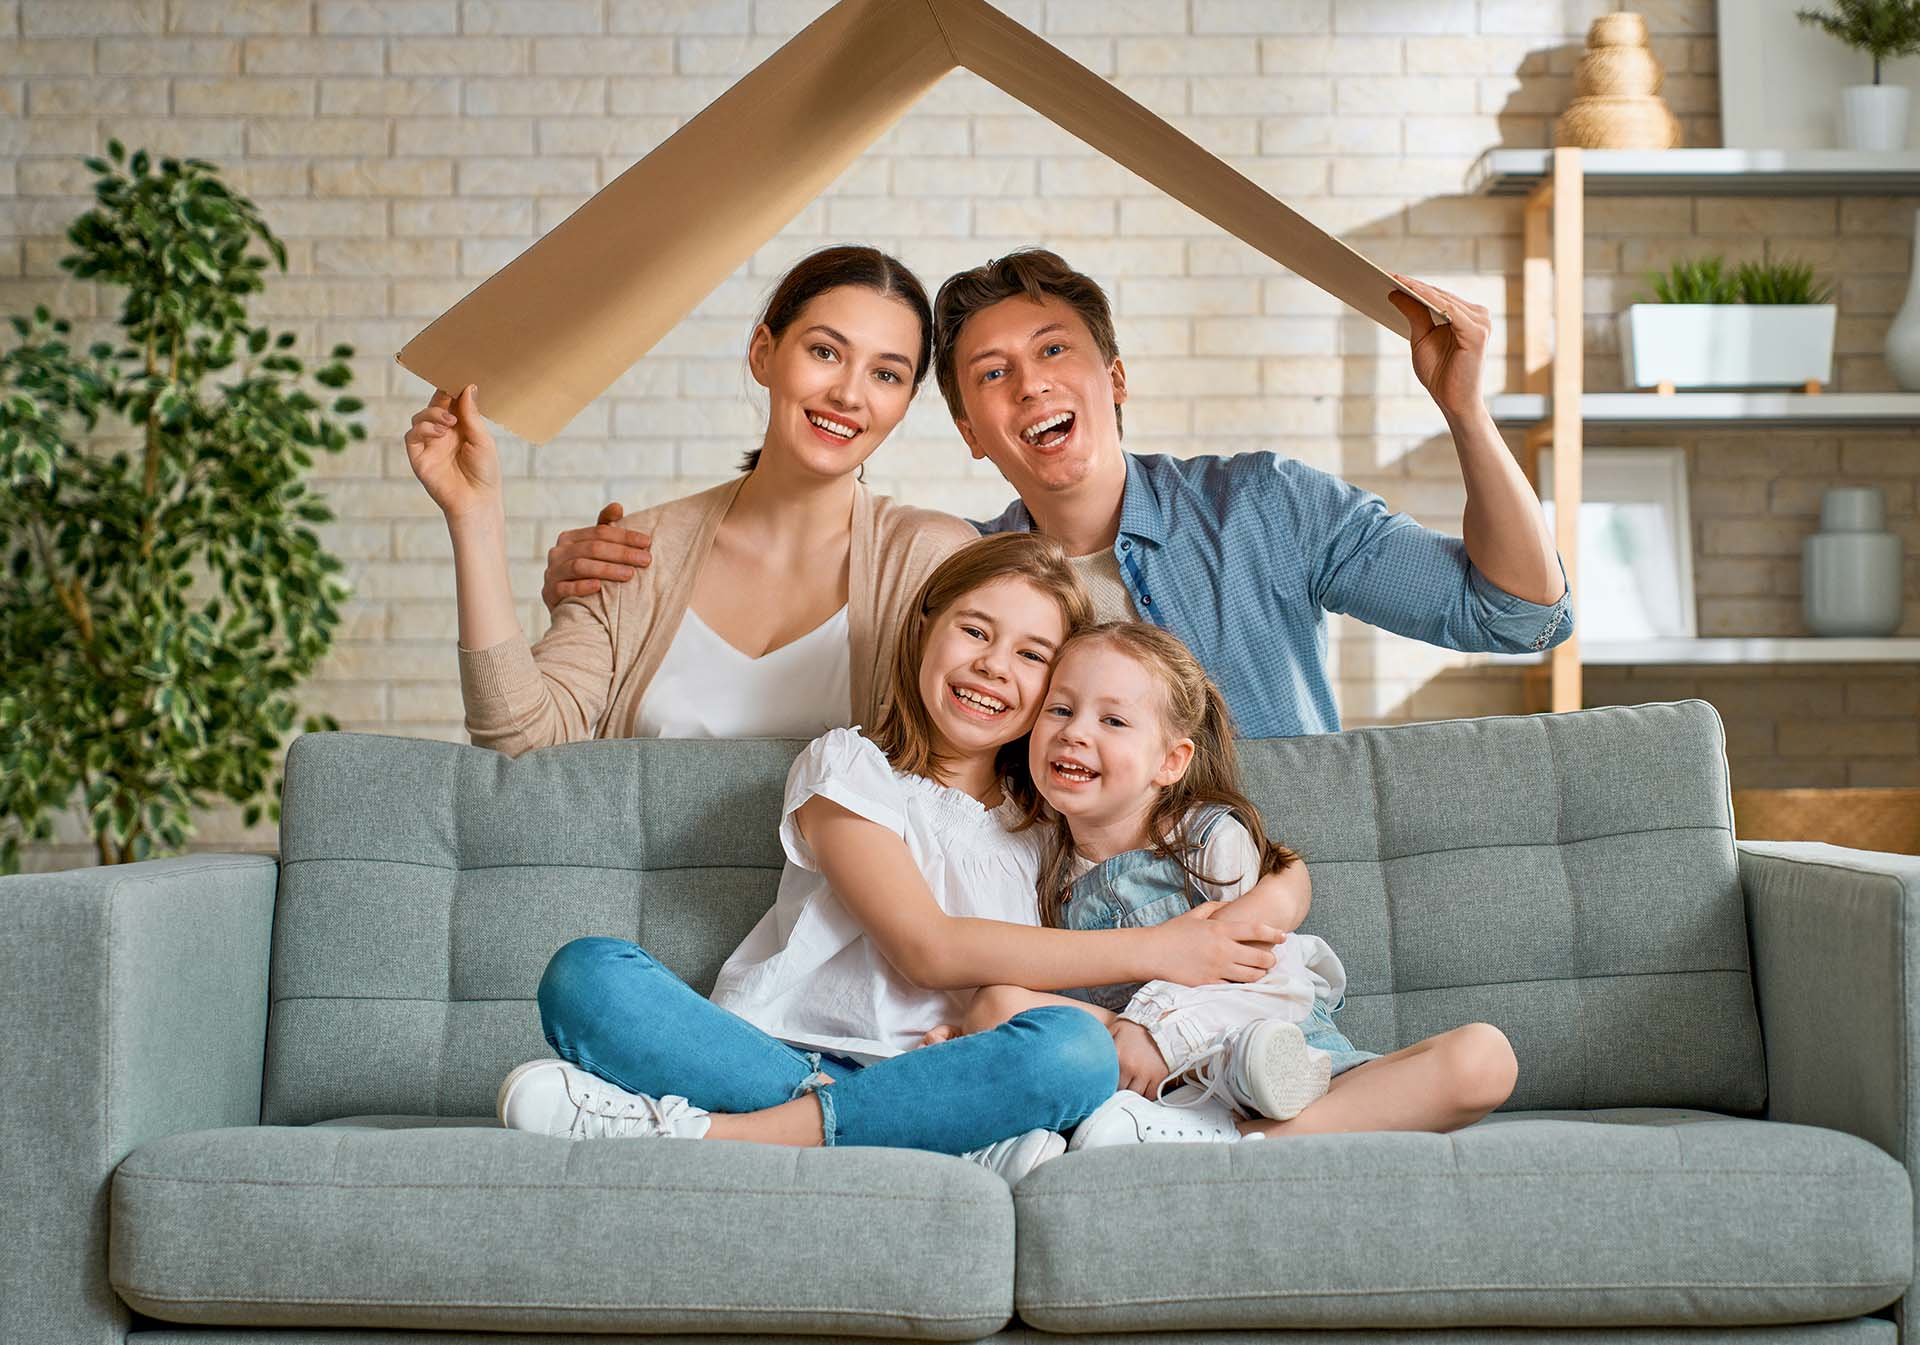 Mi mindent tudhat egy lakásbiztosítás – 1. rész